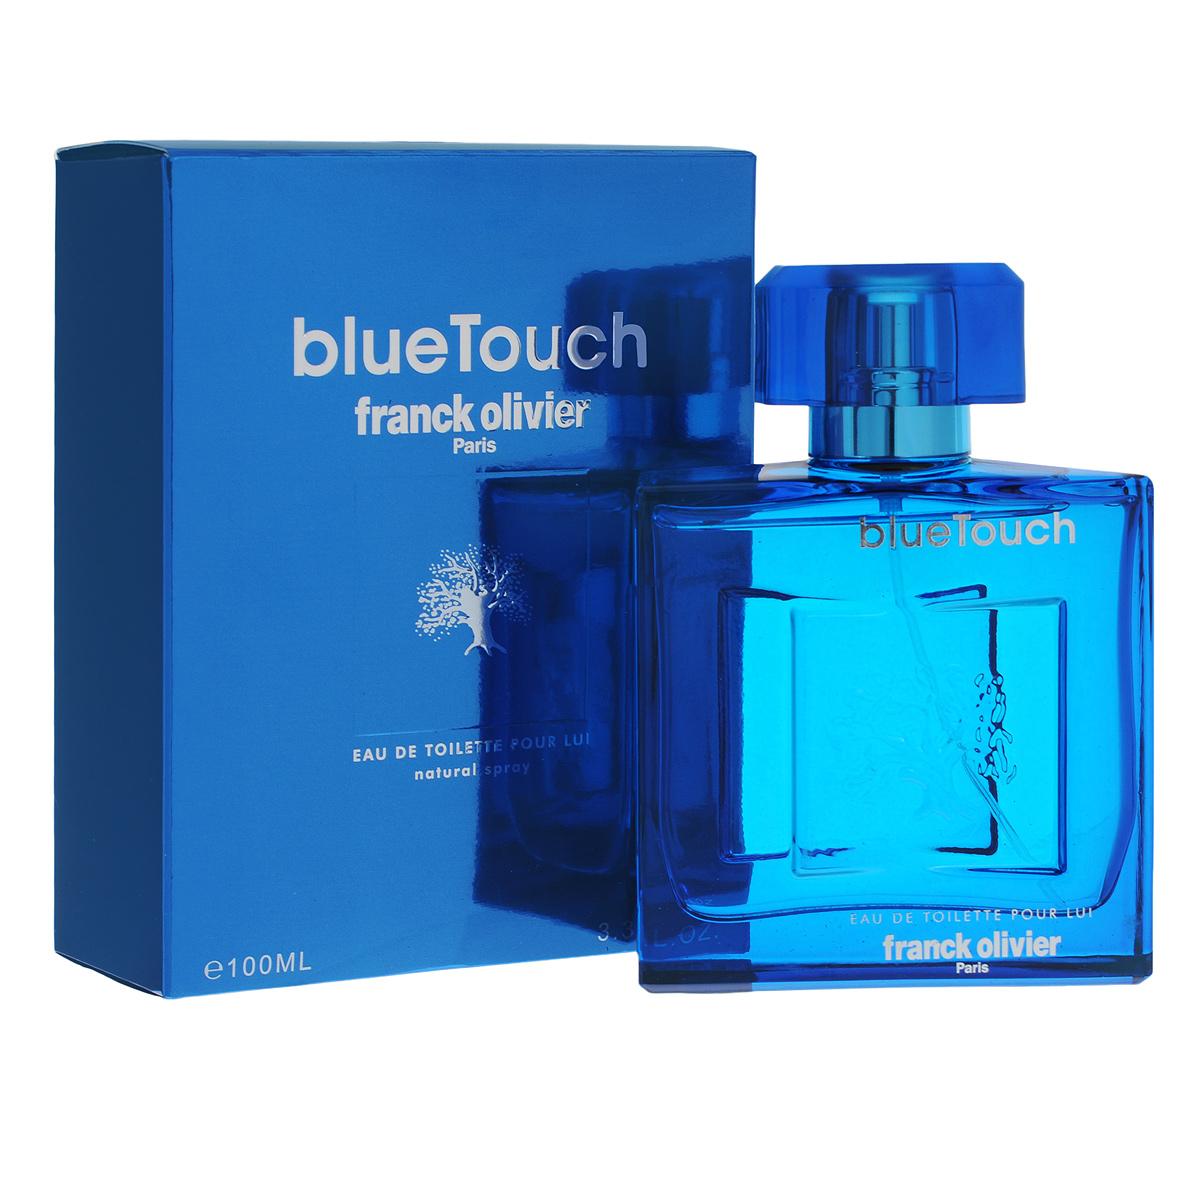 Franck Olivier Туалетная вода Blue Touch, мужская, 100 мл1301210Аромат Blue Touch от Franck Olivier был выпущен в 2011 году и является последователем загадочного аромата Black Touch. Blue Touch характеризуется как утонченный, аристократический и изящный, созданный специально для уверенных в себе мужчин, знающих себе цену. С помощью Blue Touch вы подчеркнете изысканность и грациозность своей натуры. Благодаря древесной группе ароматов Blue Touch звучит благородно и безупречно, привнося тем самым в образ своего обладателя королевские черты, подчеркивая его высокий статус.Классификация аромата: древесный, фужерный.Пирамида аромата:Верхние ноты: бергамот, цитрусы, розовый перец, тангерин, зеленые ноты.Ноты сердца: гальбанум, ветивер, шалфей, древесные ноты, дыня, пачули.Ноты шлейфа: амбра, мускус, дубовый мох.Ключевые словаУтонченный, изящный, грациозный!Туалетная вода - один из самых популярных видов парфюмерной продукции. Туалетная вода содержит 4-10%парфюмерного экстракта. Главные достоинства данного типа продукции заключаются в доступной цене, разнообразии форматов (как правило, 30, 50, 75, 100 мл), удобстве использования (чаще всего - спрей). Идеальна для дневного использования. Товар сертифицирован.